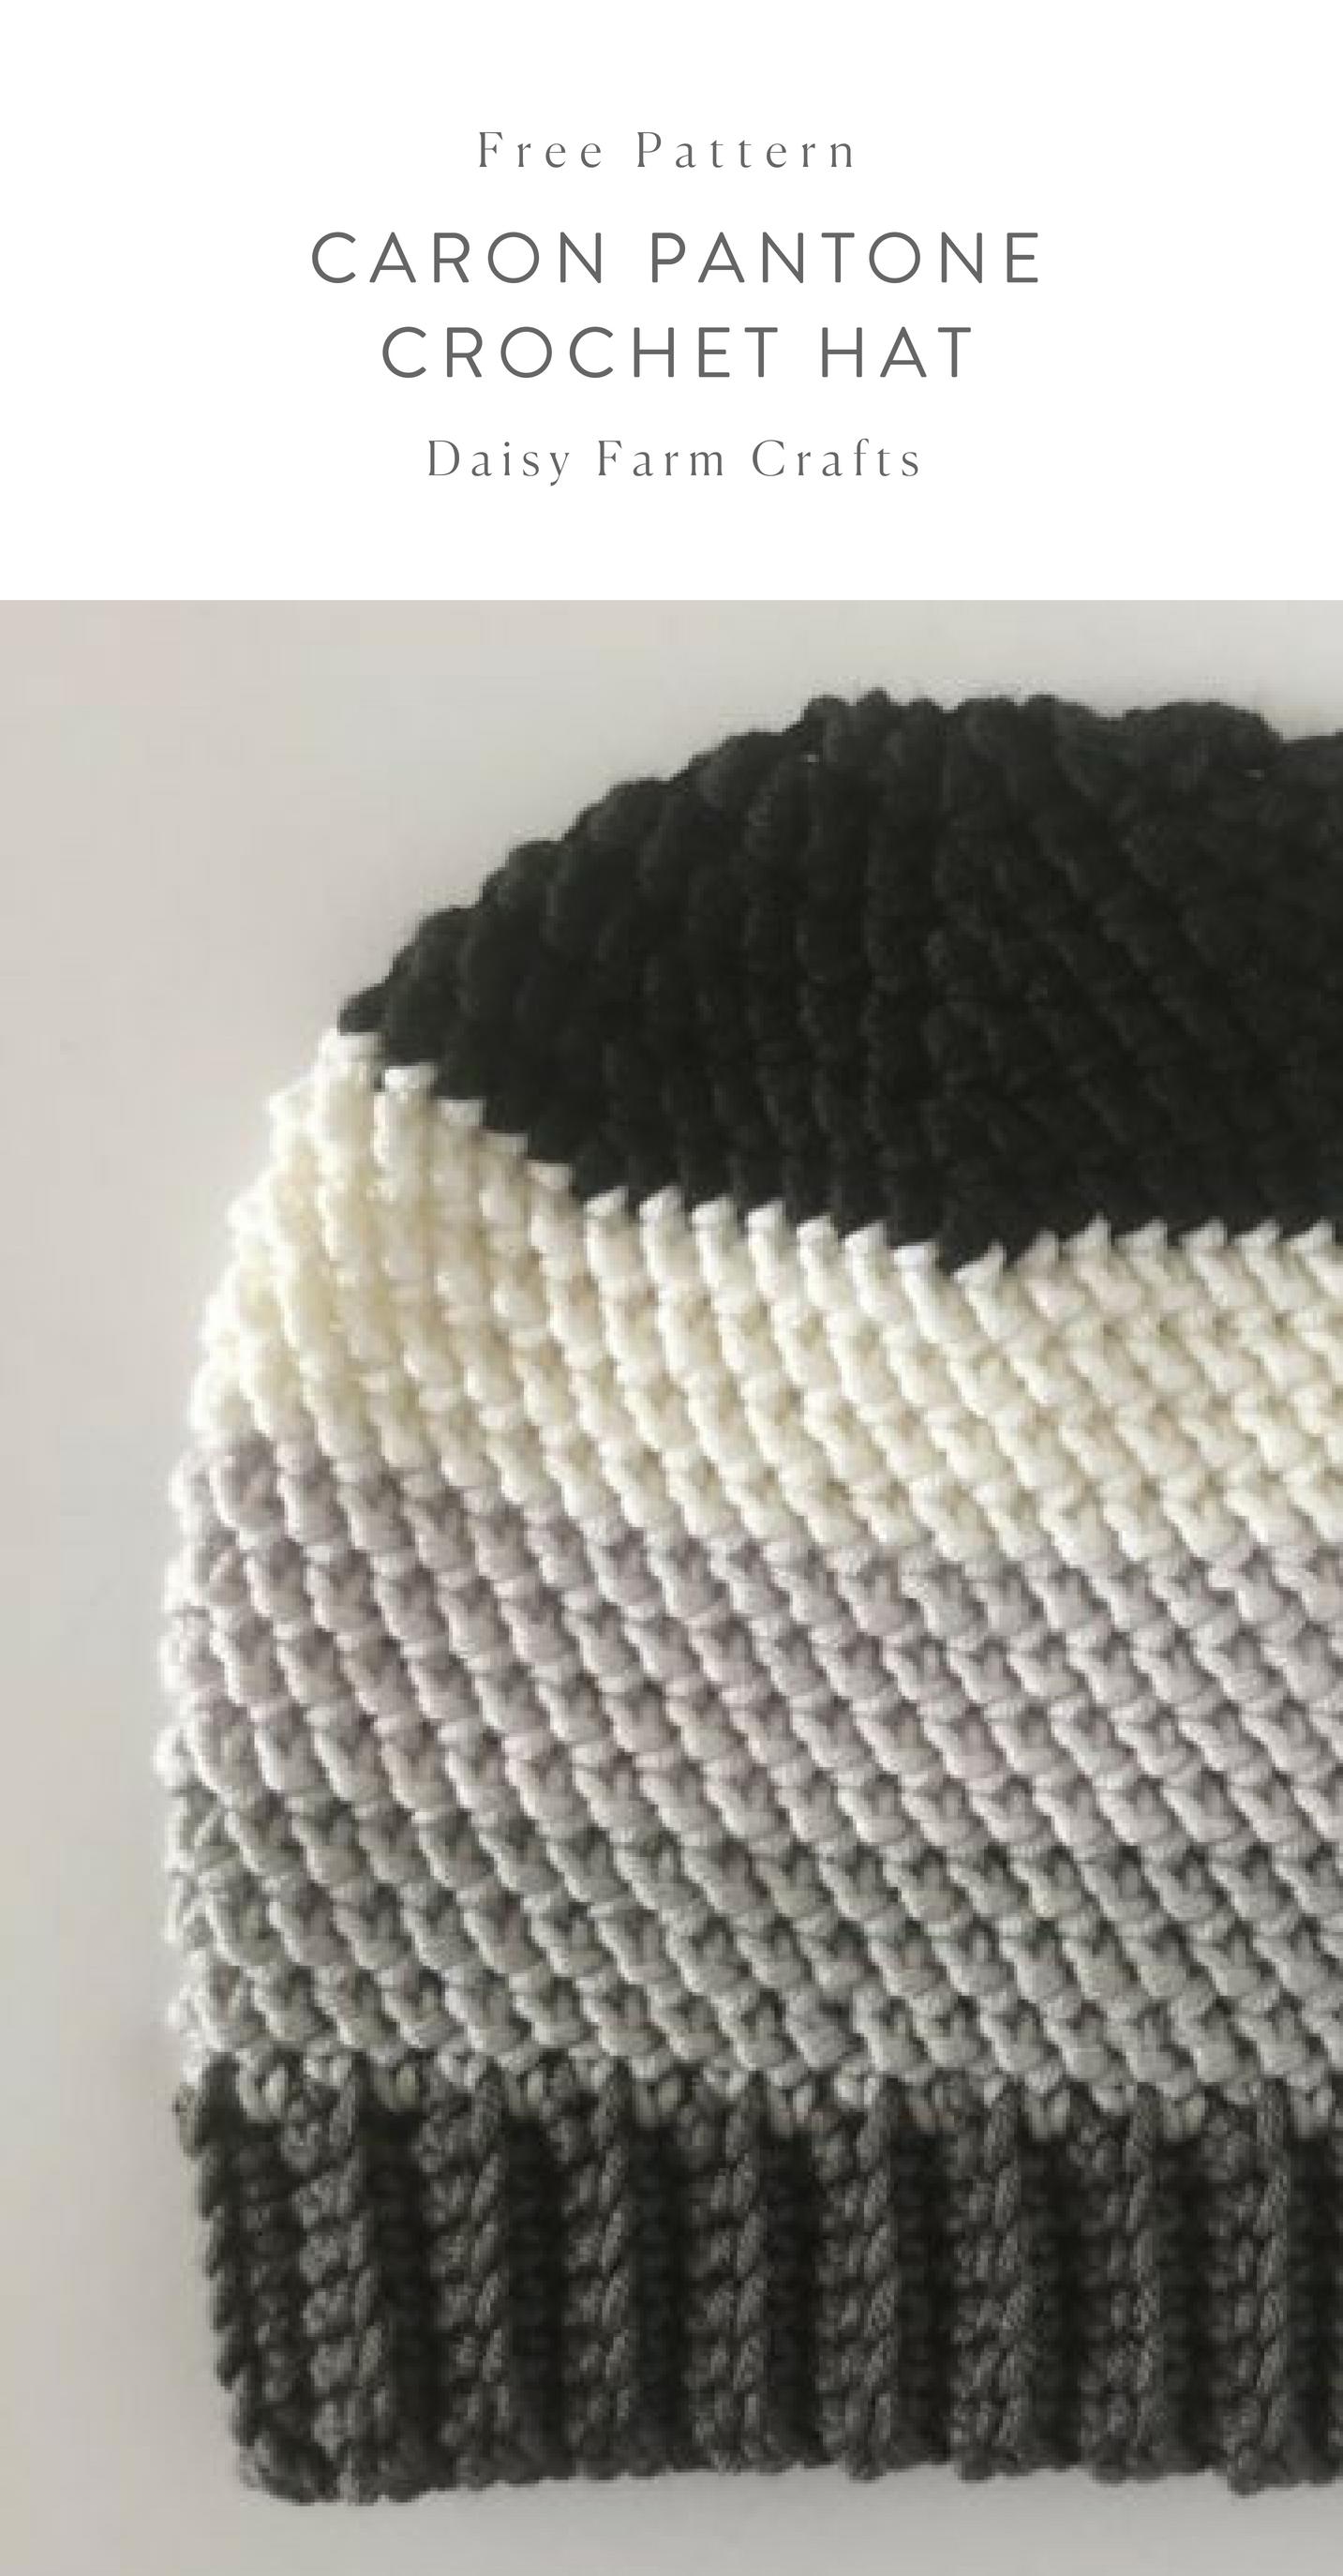 free pattern caron pantone crochet hat crochet - Hakelmutzen Muster